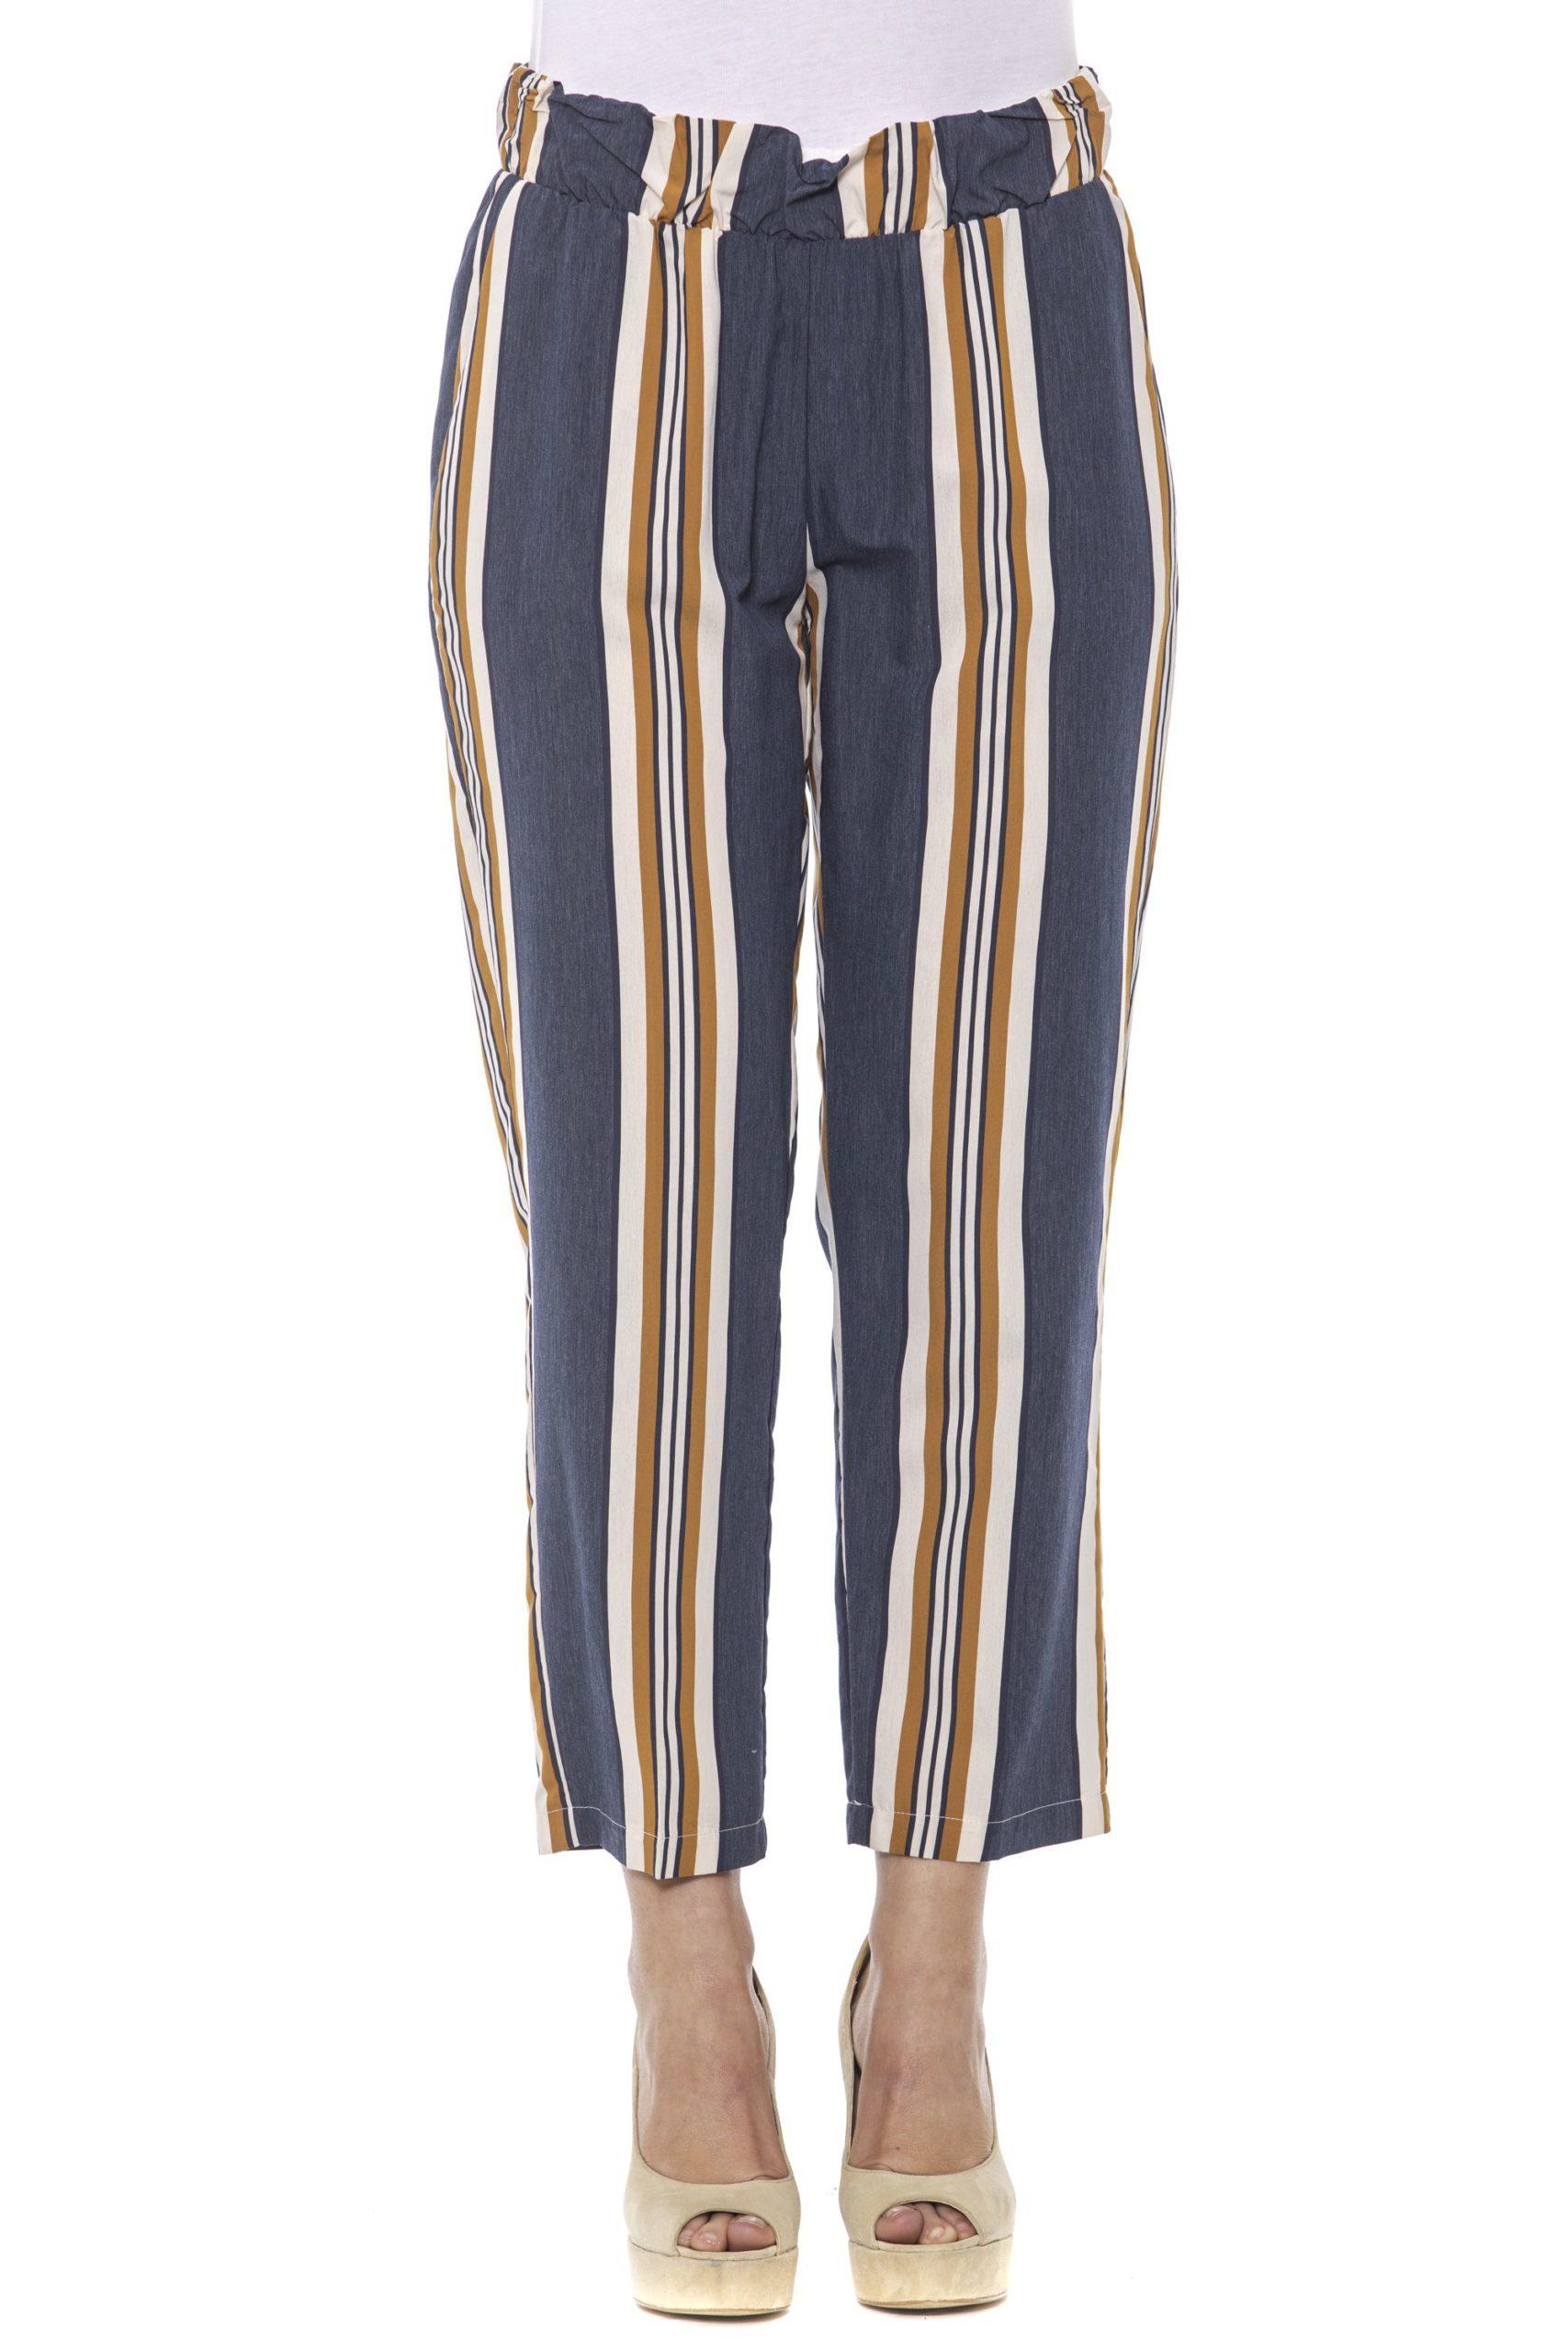 V A R. U N I C A Jeans & Pant - IT42 | S